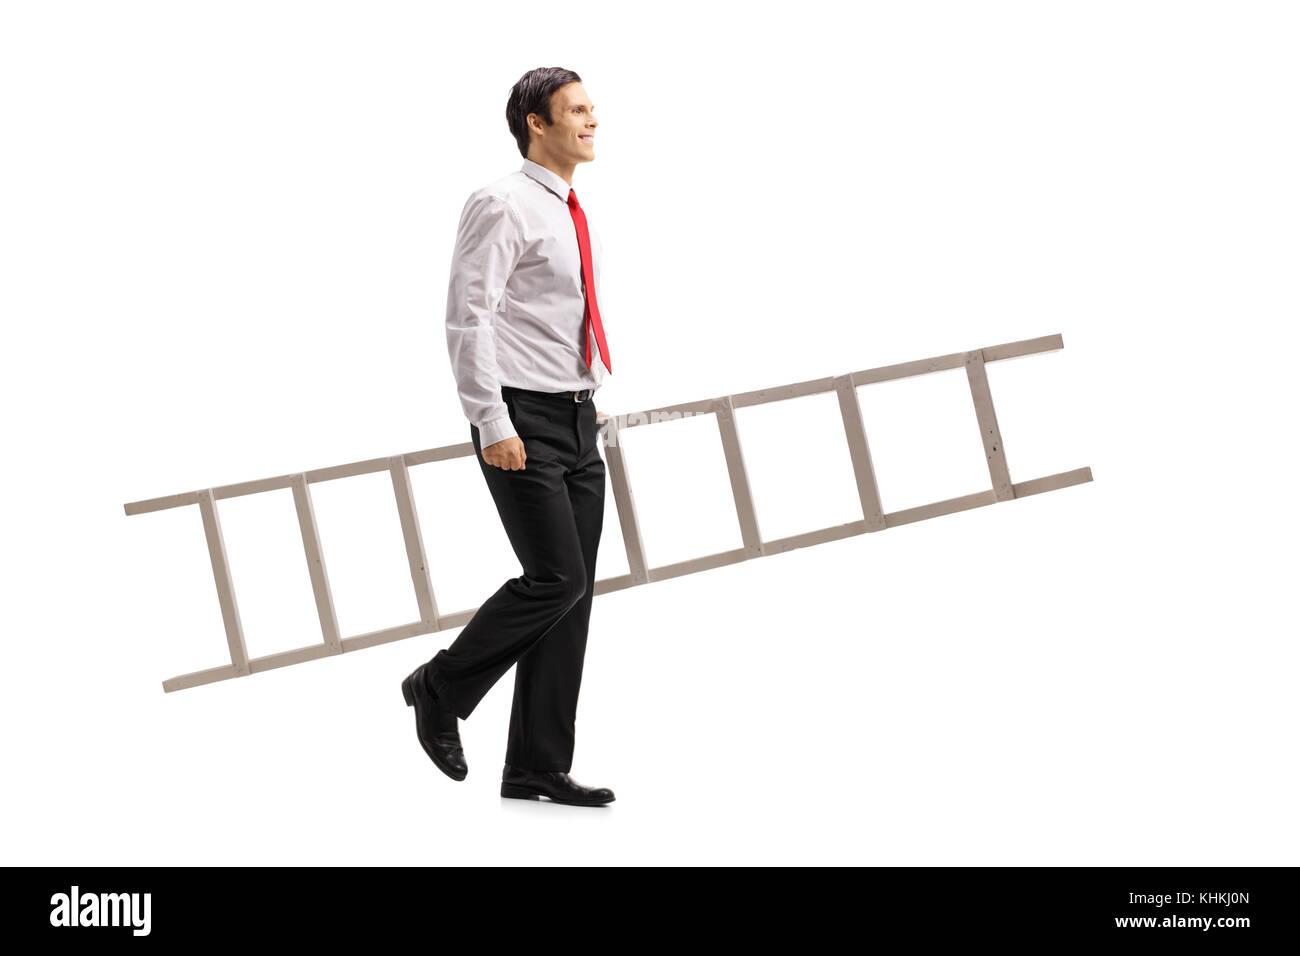 Career Ladder Metaphor Photos Career Ladder Metaphor Images Alamy